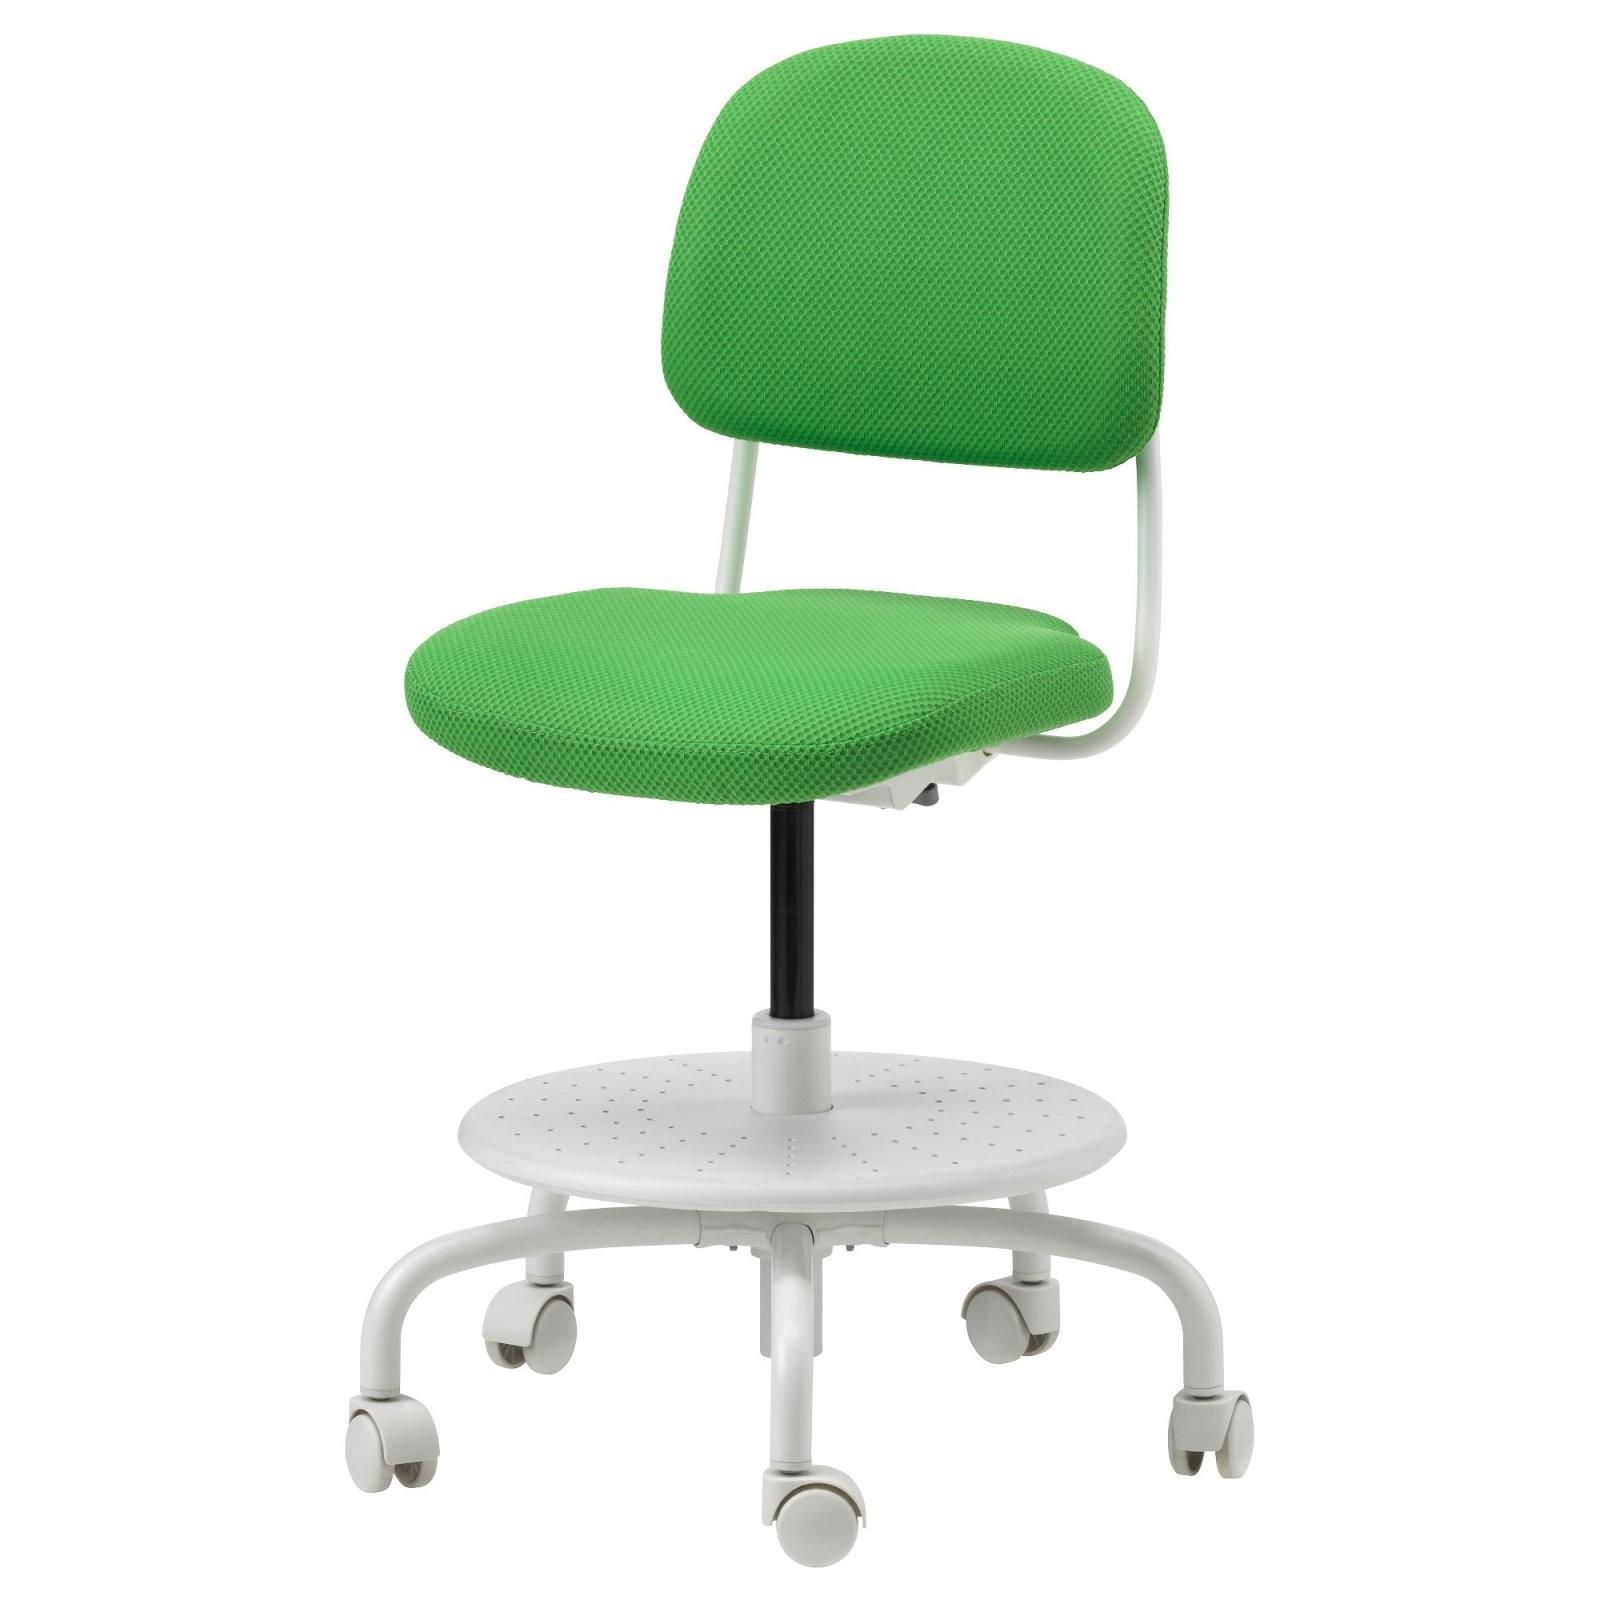 Vimund Schreibtischstuhl Für Kinder  Leuchtend Grün  Ikea von Schreibtischstuhl Ohne Rollen Ikea Bild